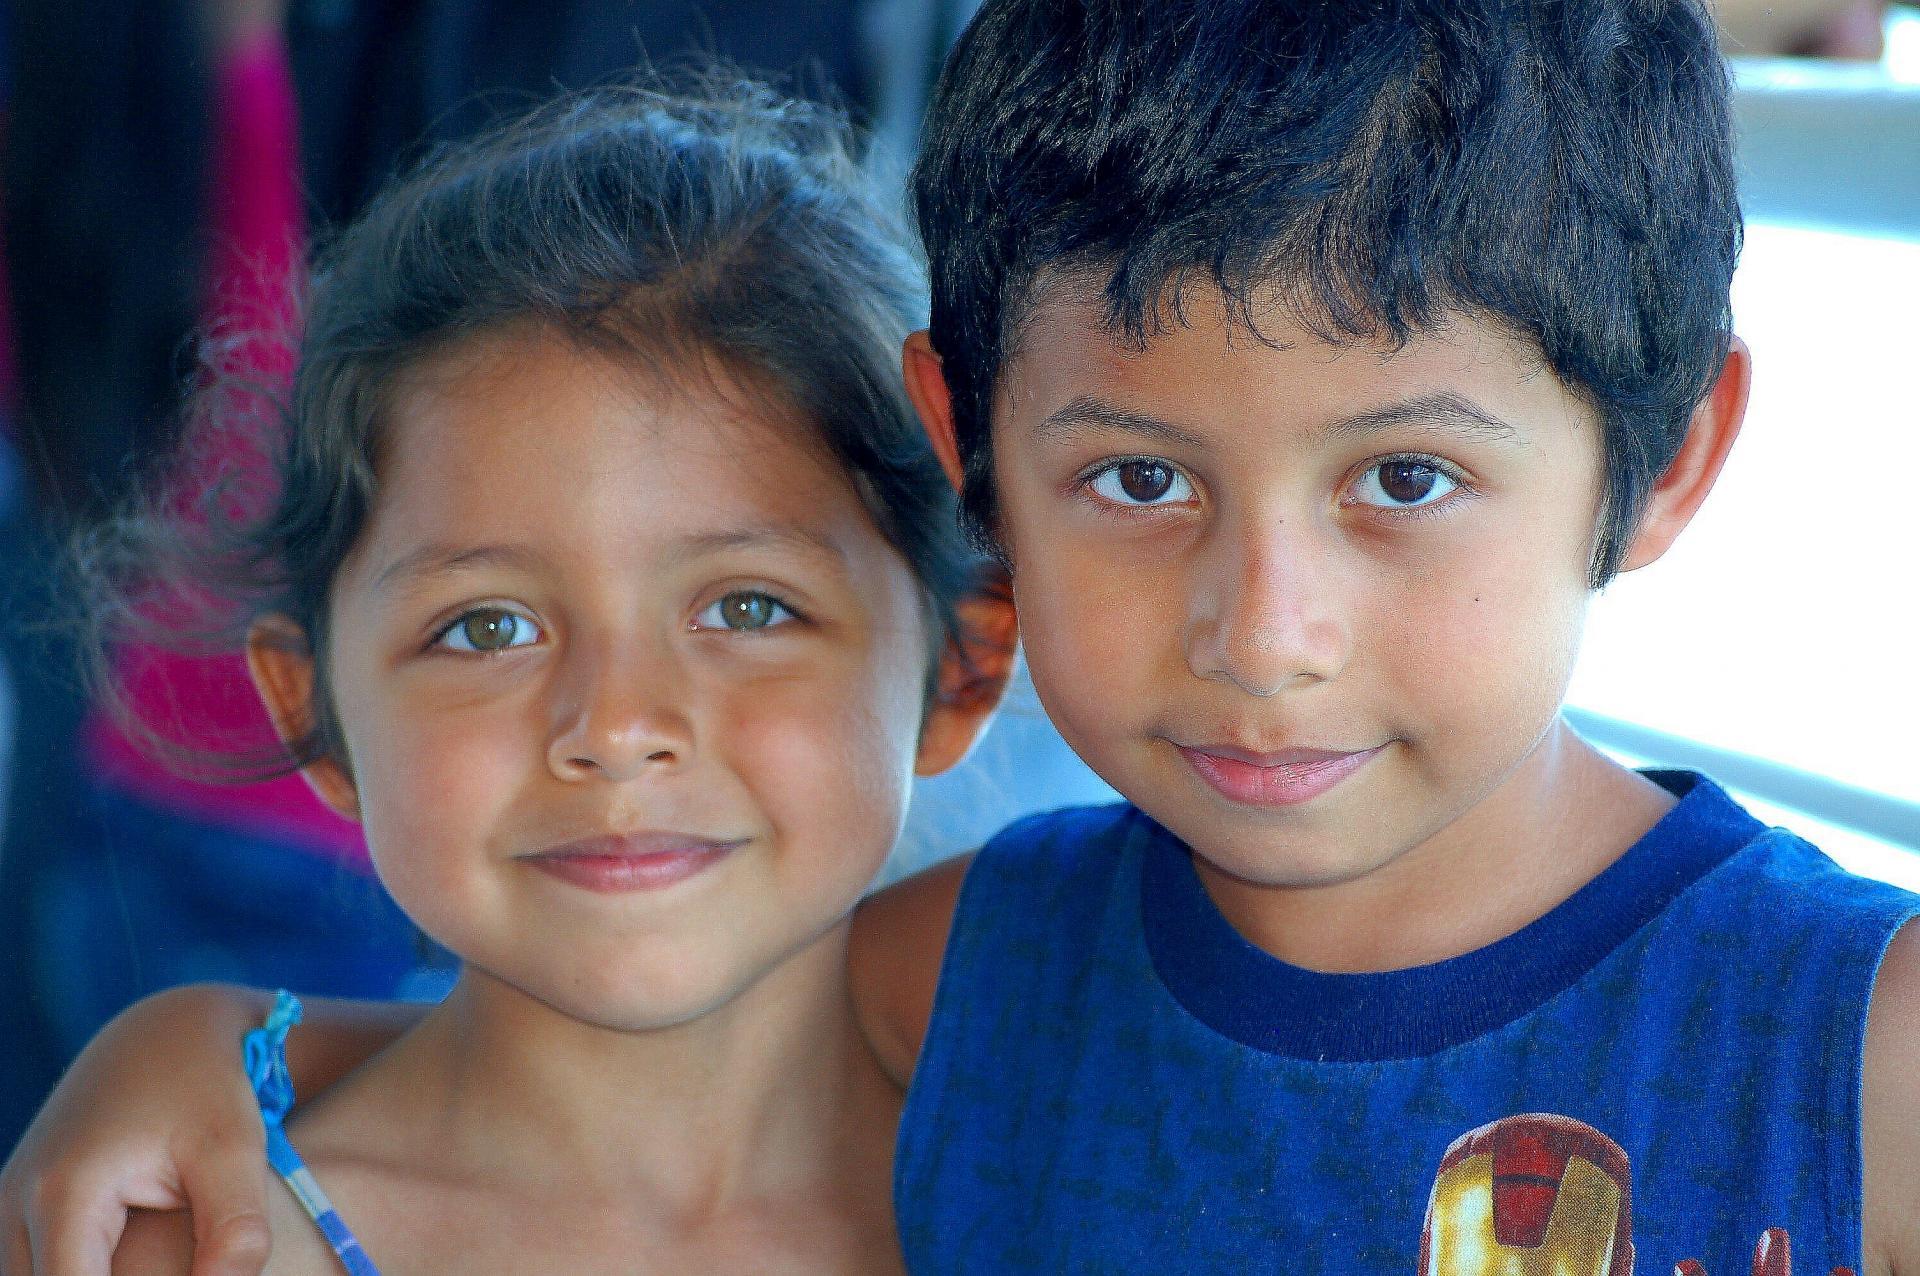 Les 2 enfants